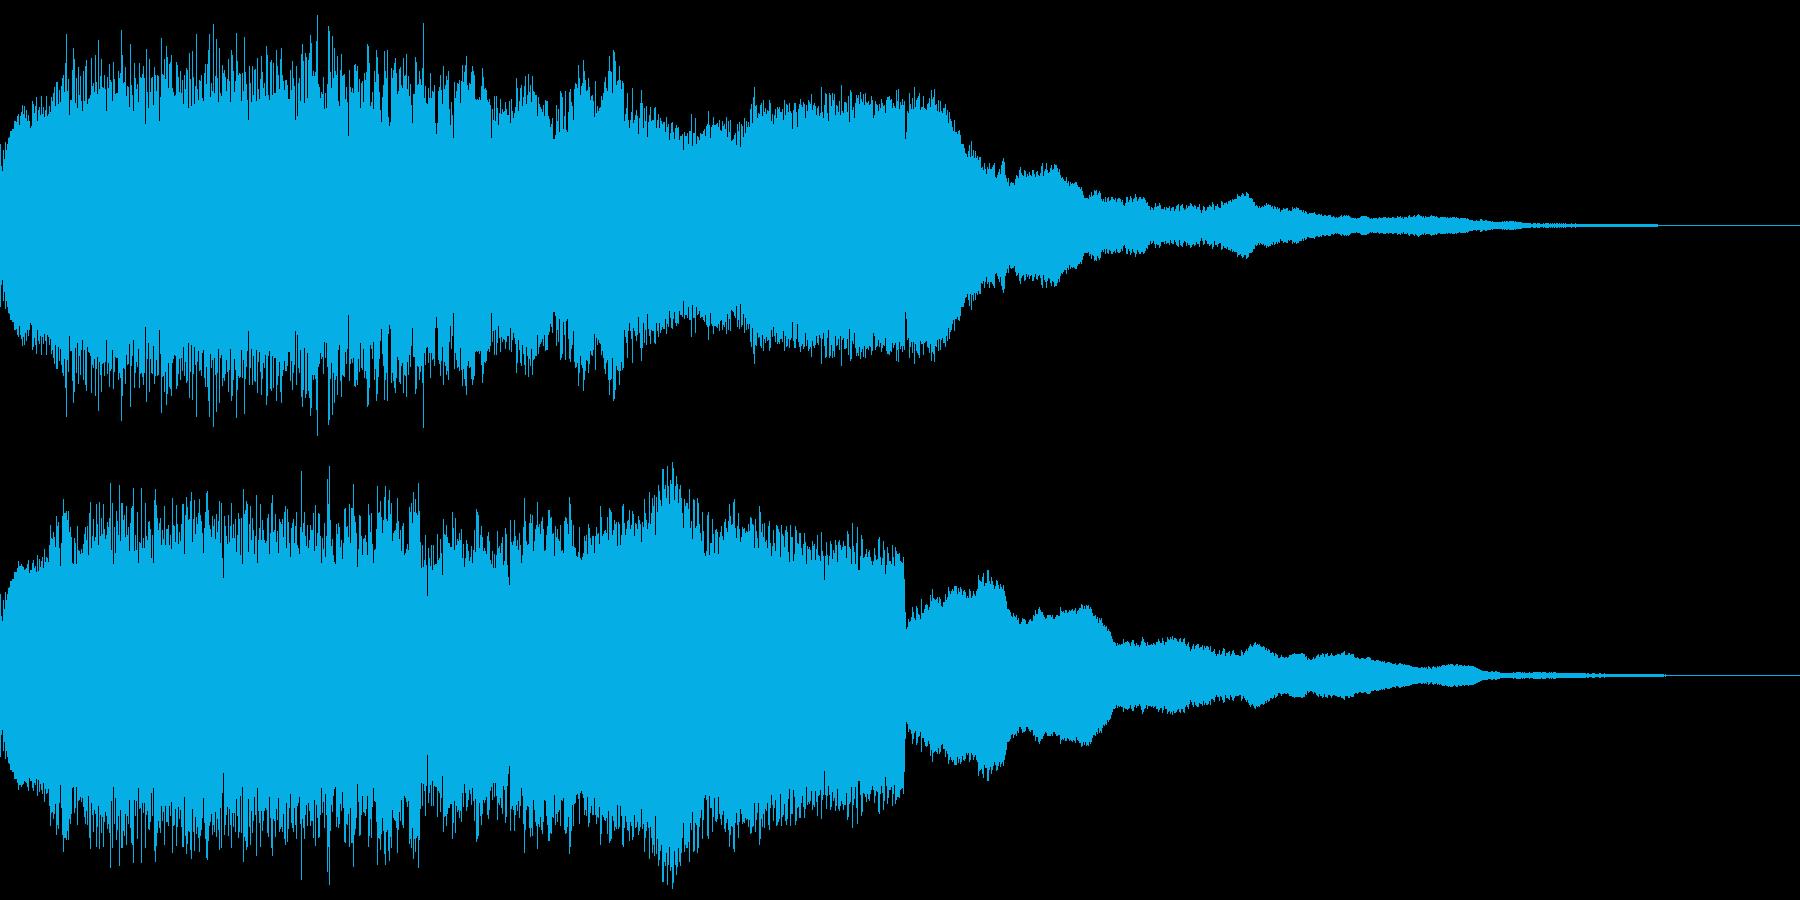 キュイン キュイーン ビーム キーン 1の再生済みの波形